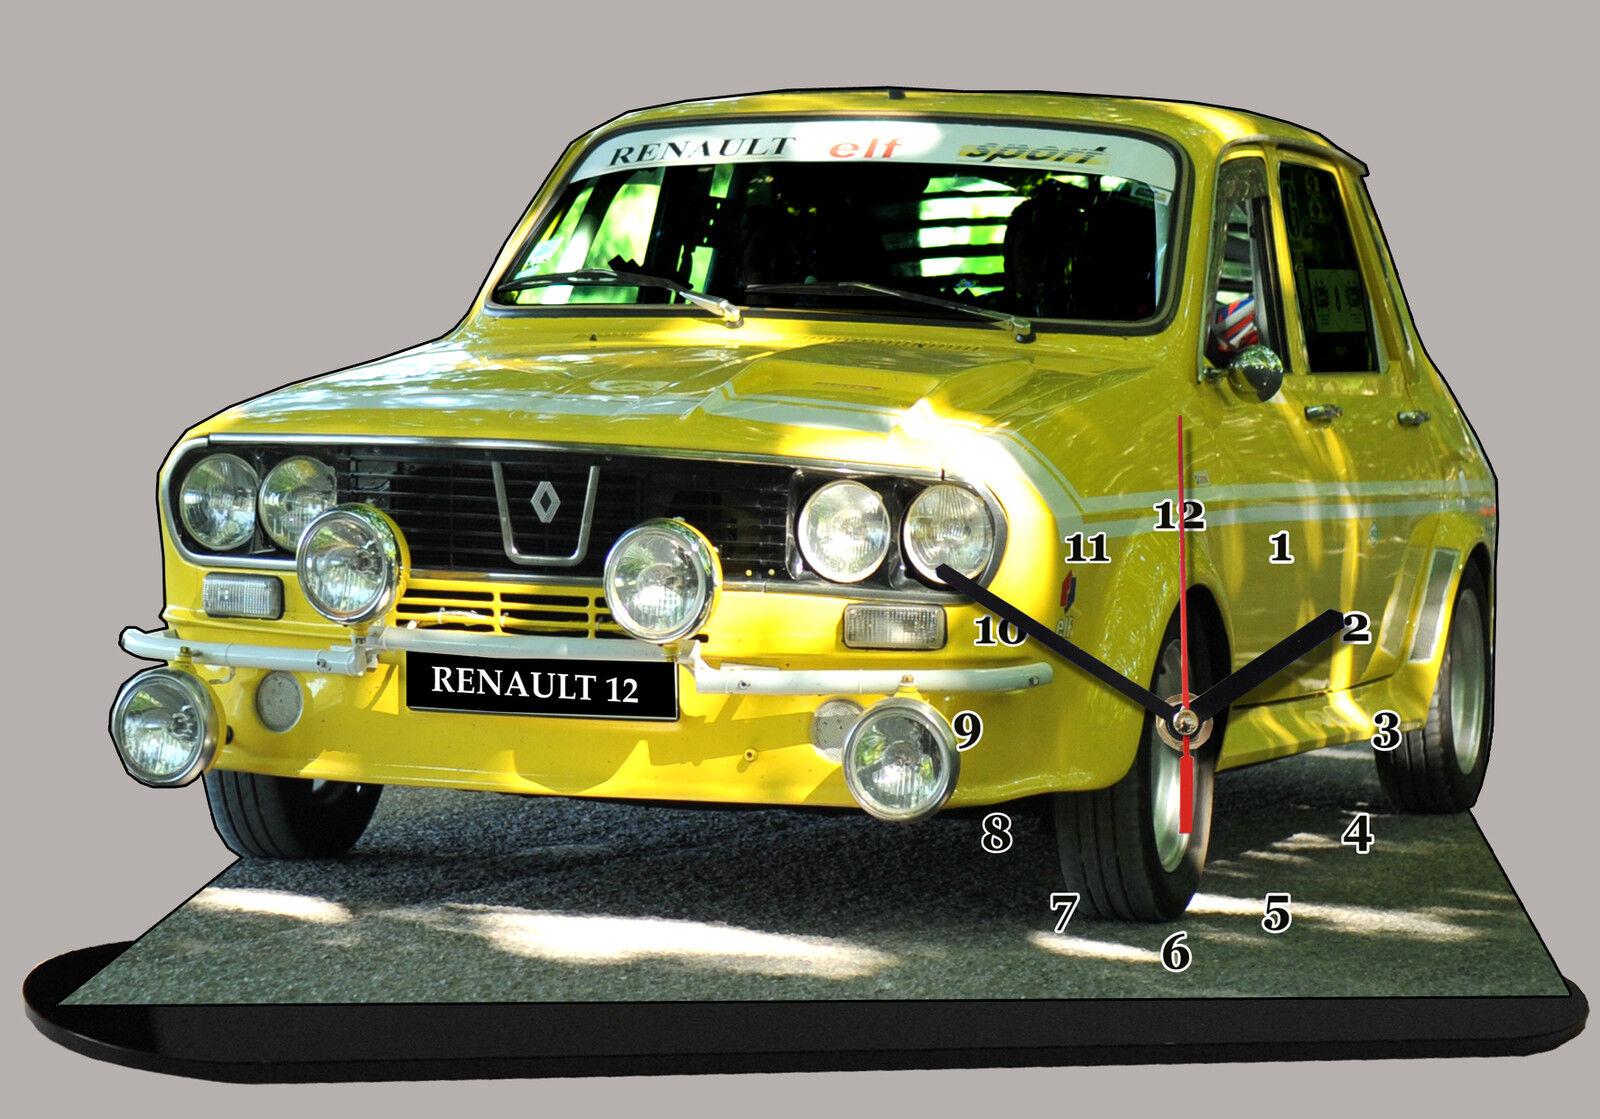 COCHE RENAULT 12 SPORT, R12 SPORT Reloj en modela miniatura 03